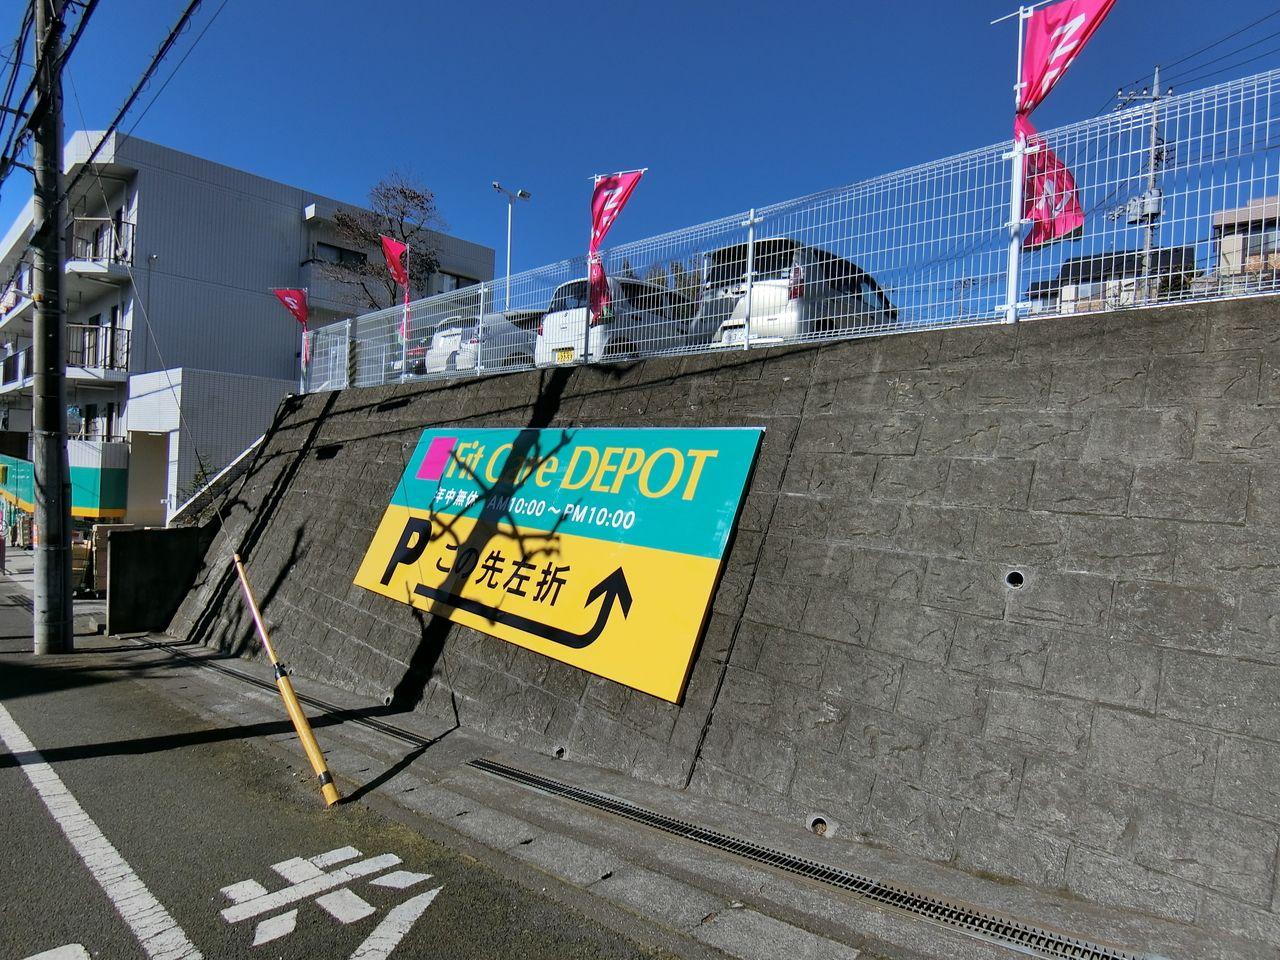 Fit Care DEPOT 元石川店の隣接しています。